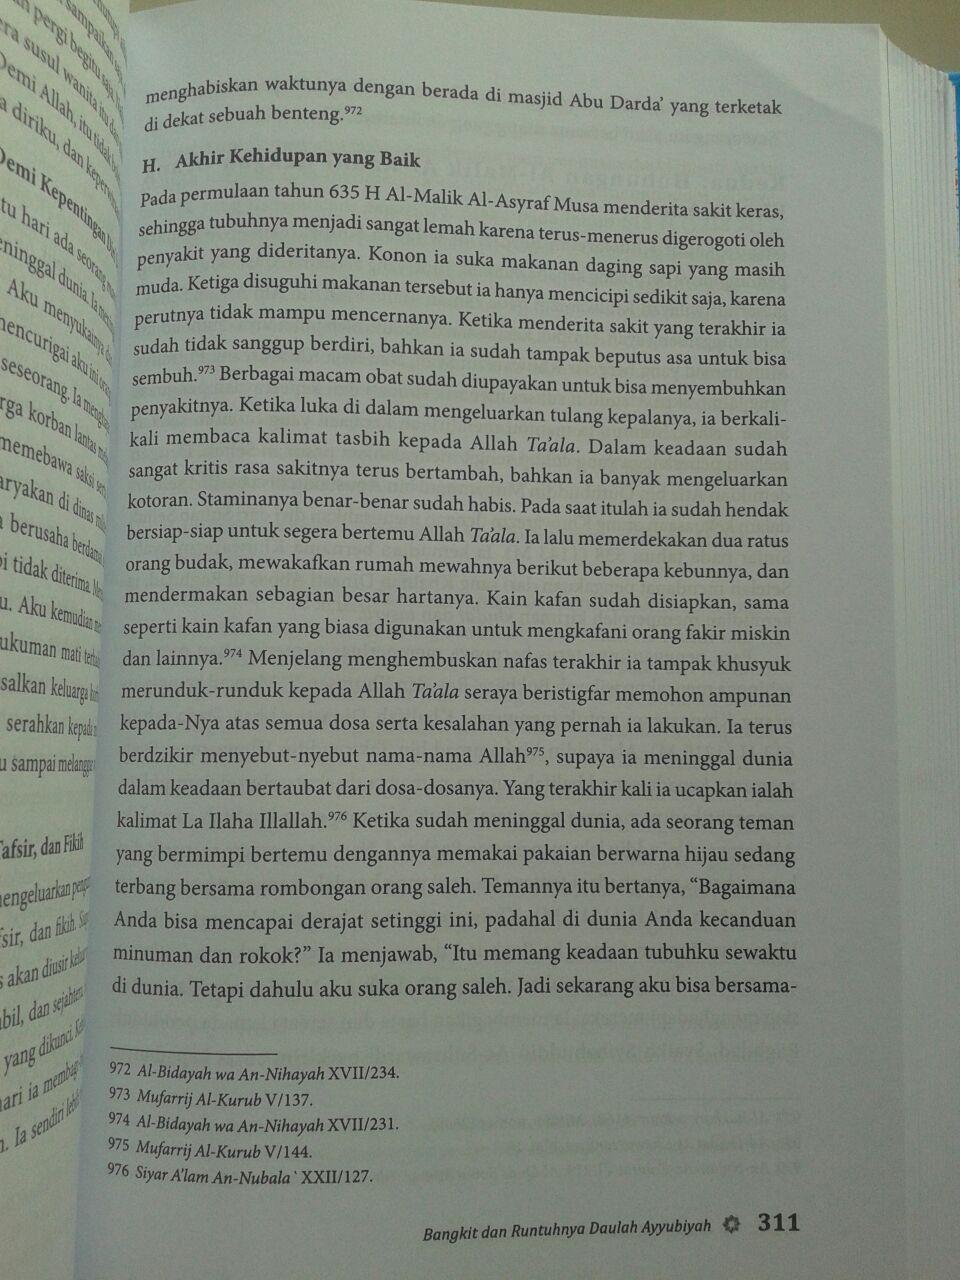 Buku Bangkit Runtuhnya Daulah Ayyubiyah isi